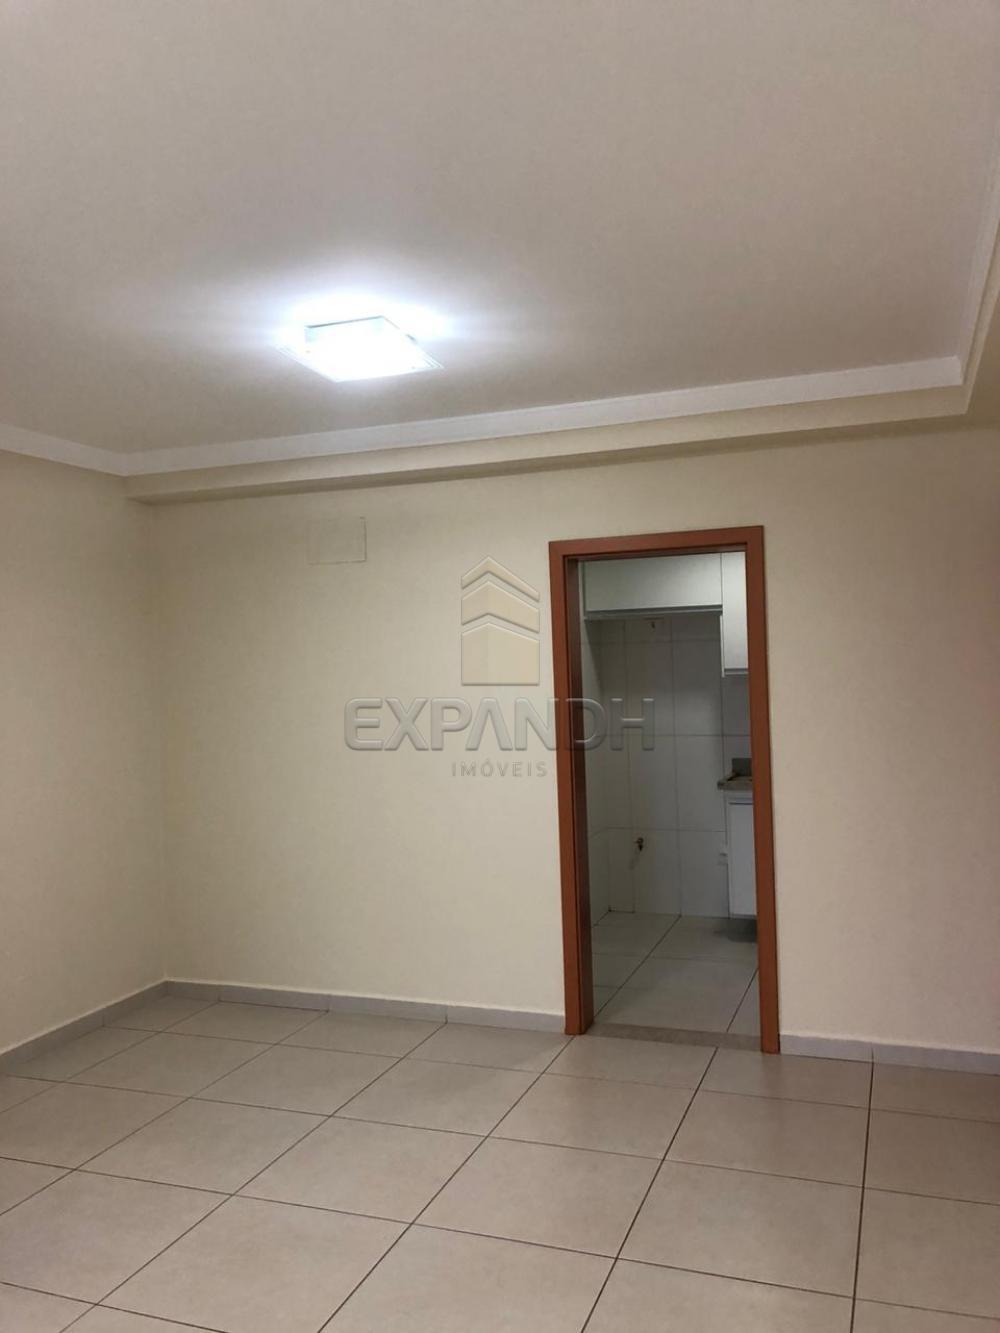 Alugar Apartamentos / Padrão em Sertãozinho apenas R$ 1.300,00 - Foto 3